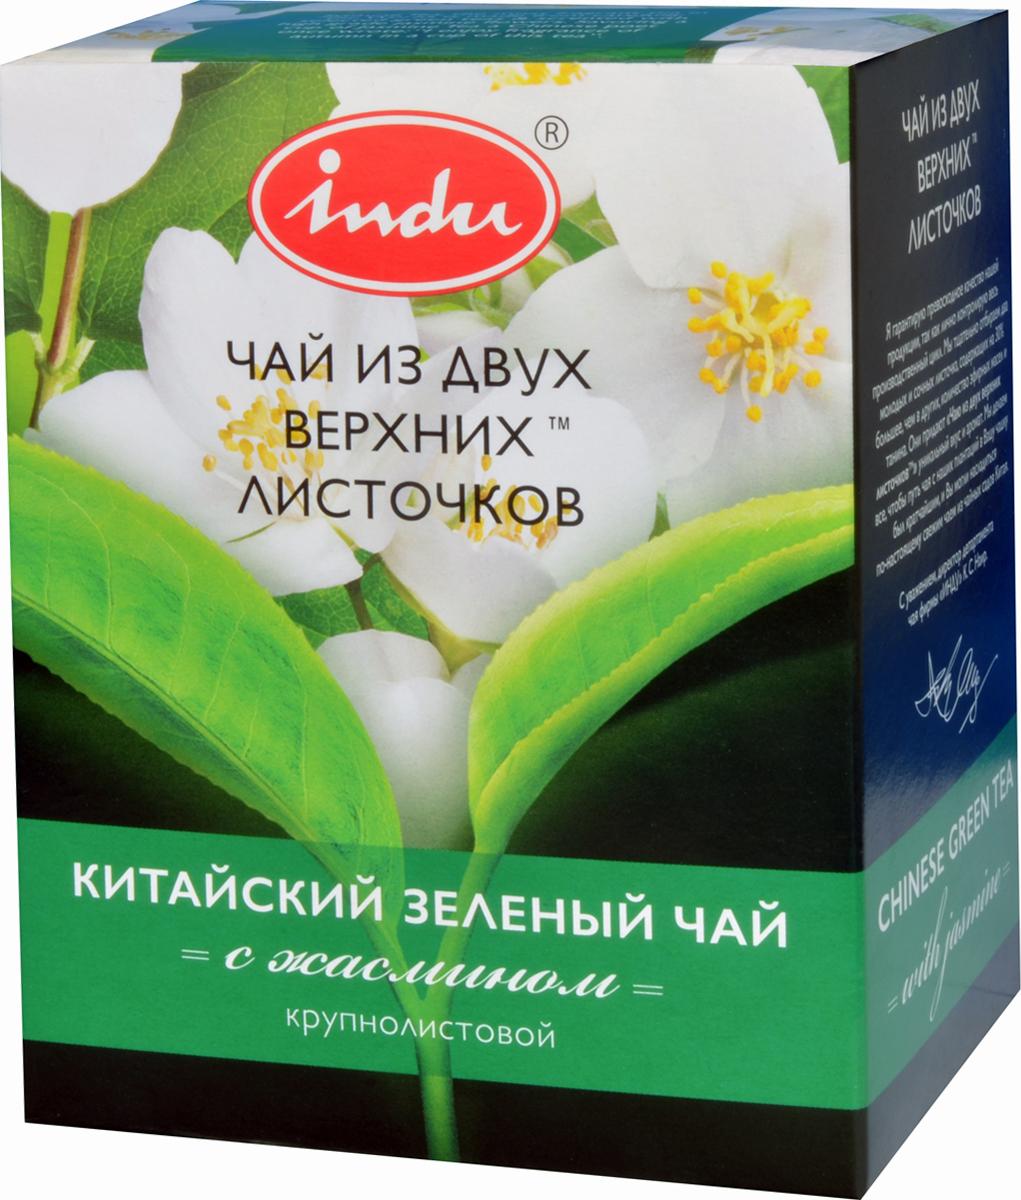 Indu Китайский зеленый листовой чай с жасмином, 90 г китайский фонарик купить в г заречный